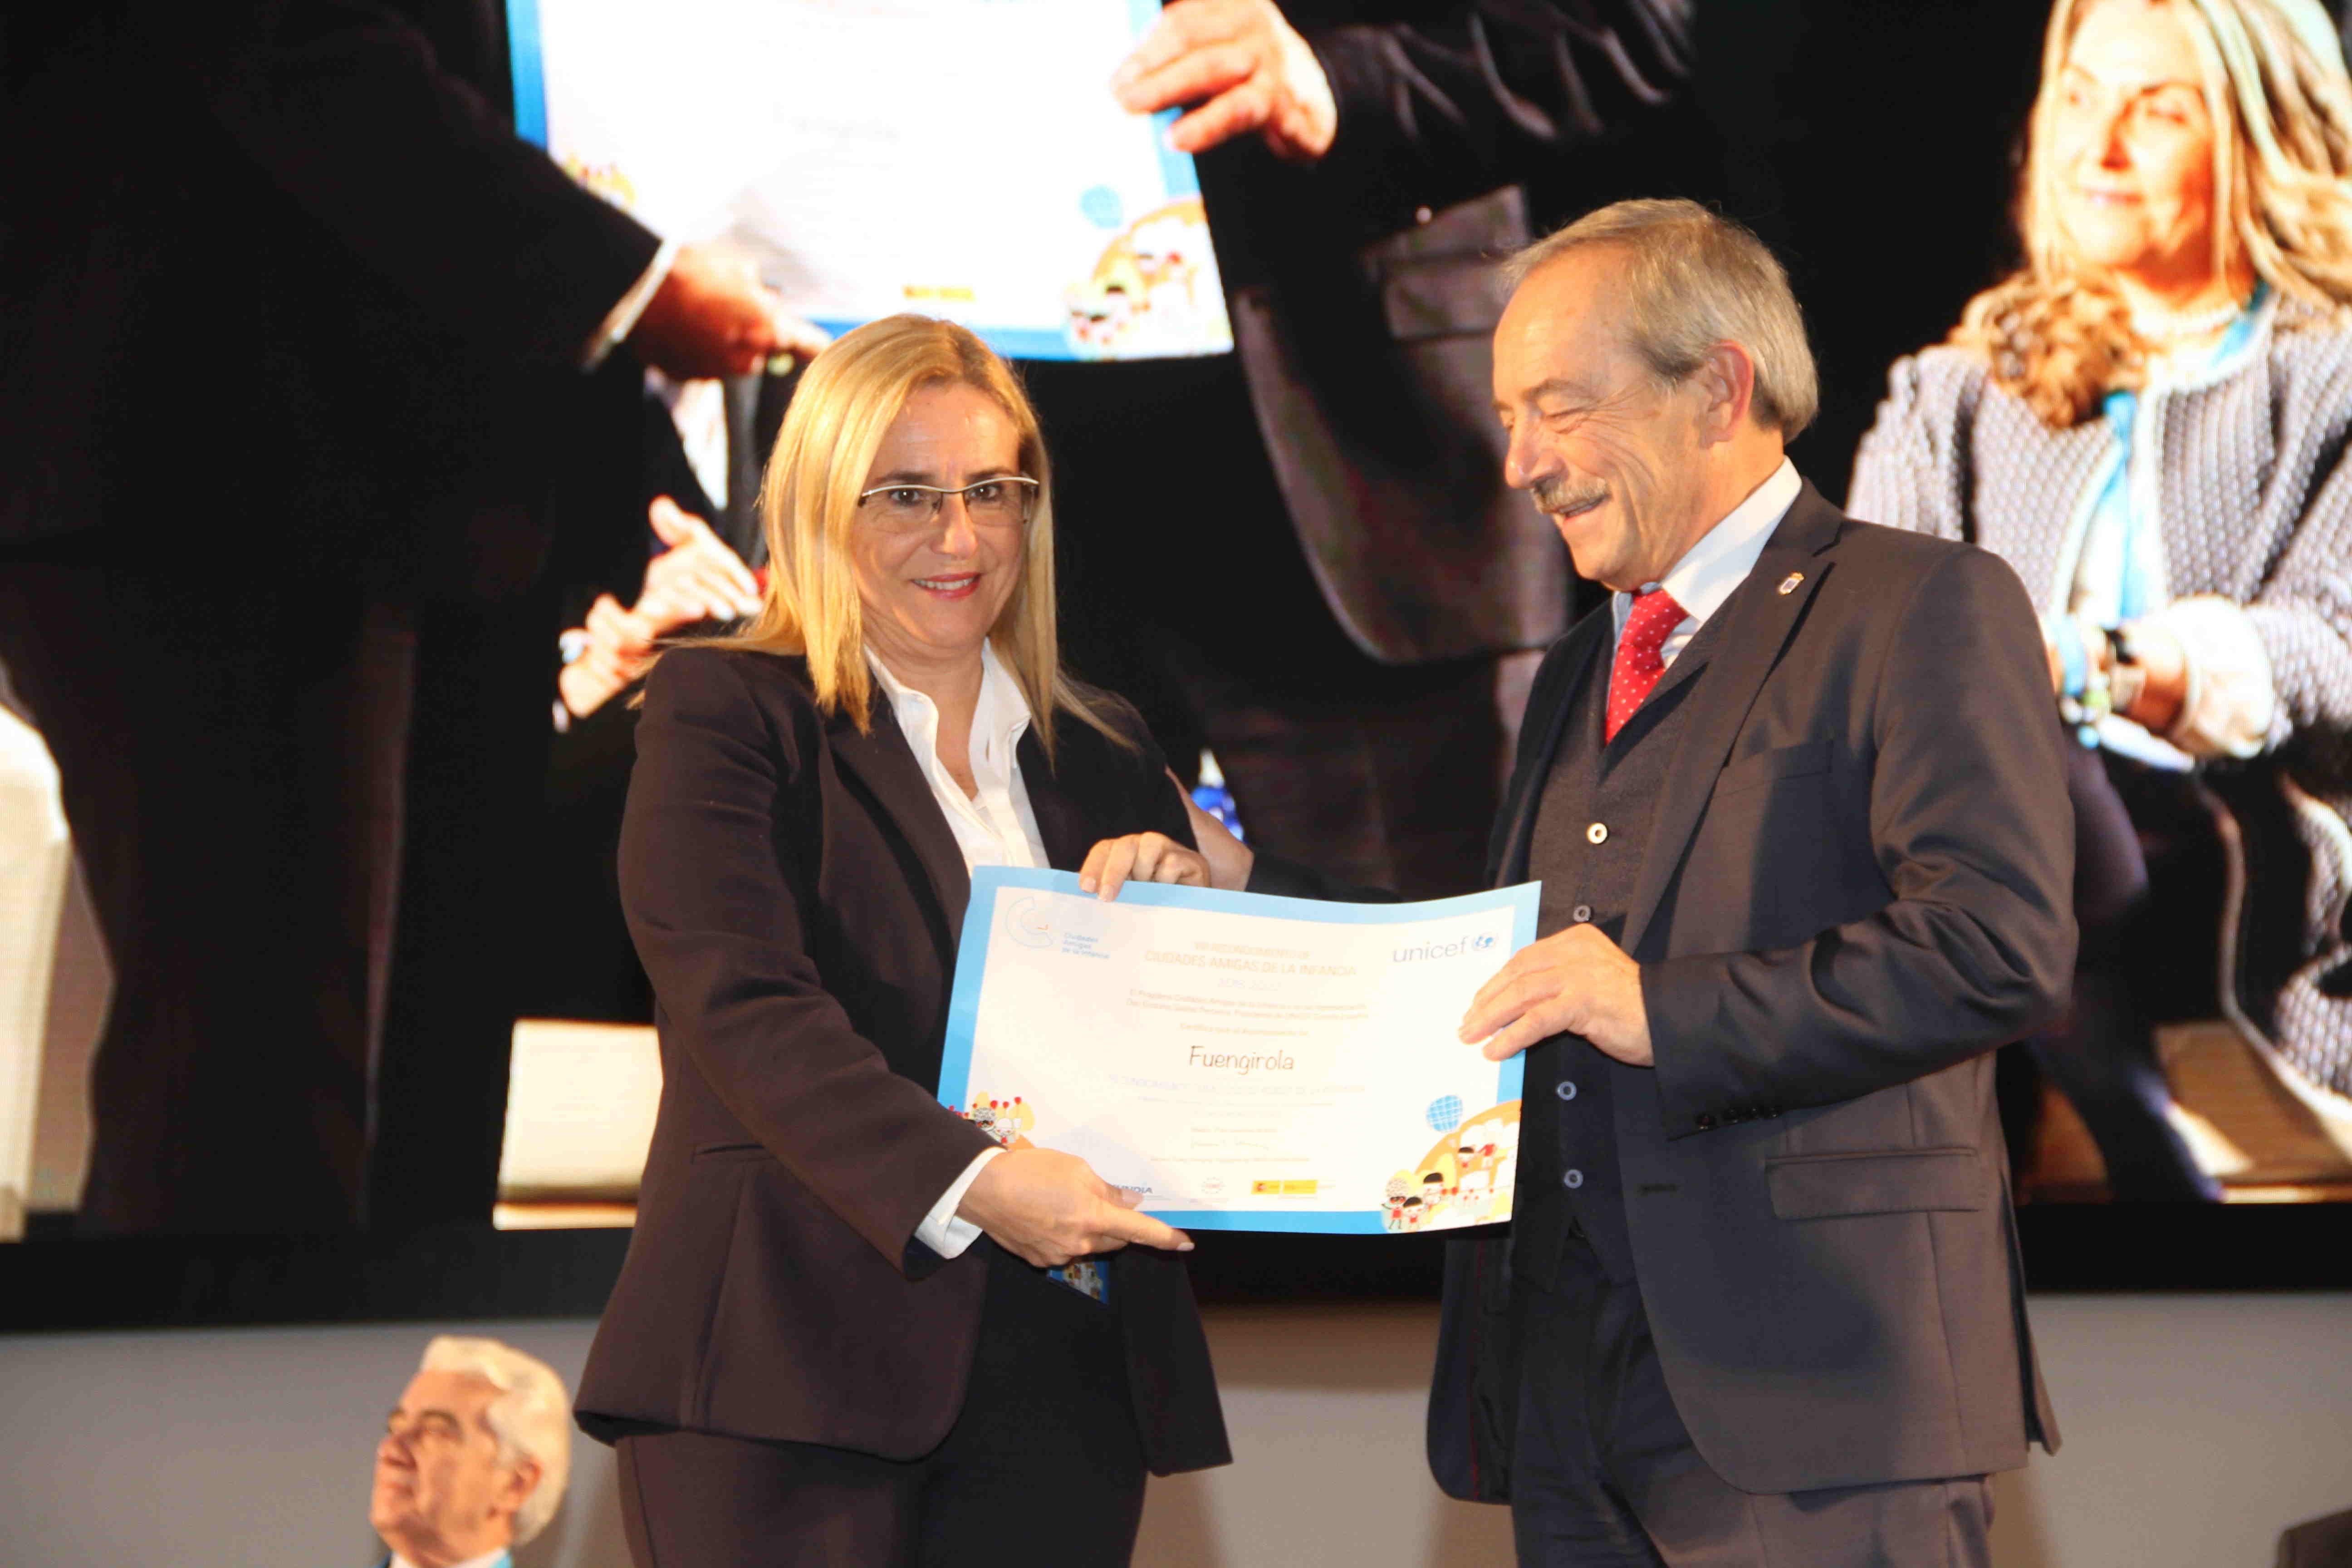 La alcaldesa, Ana Mula, recibe a distinción de UNICEF Ciudad Amiga de la Infancia